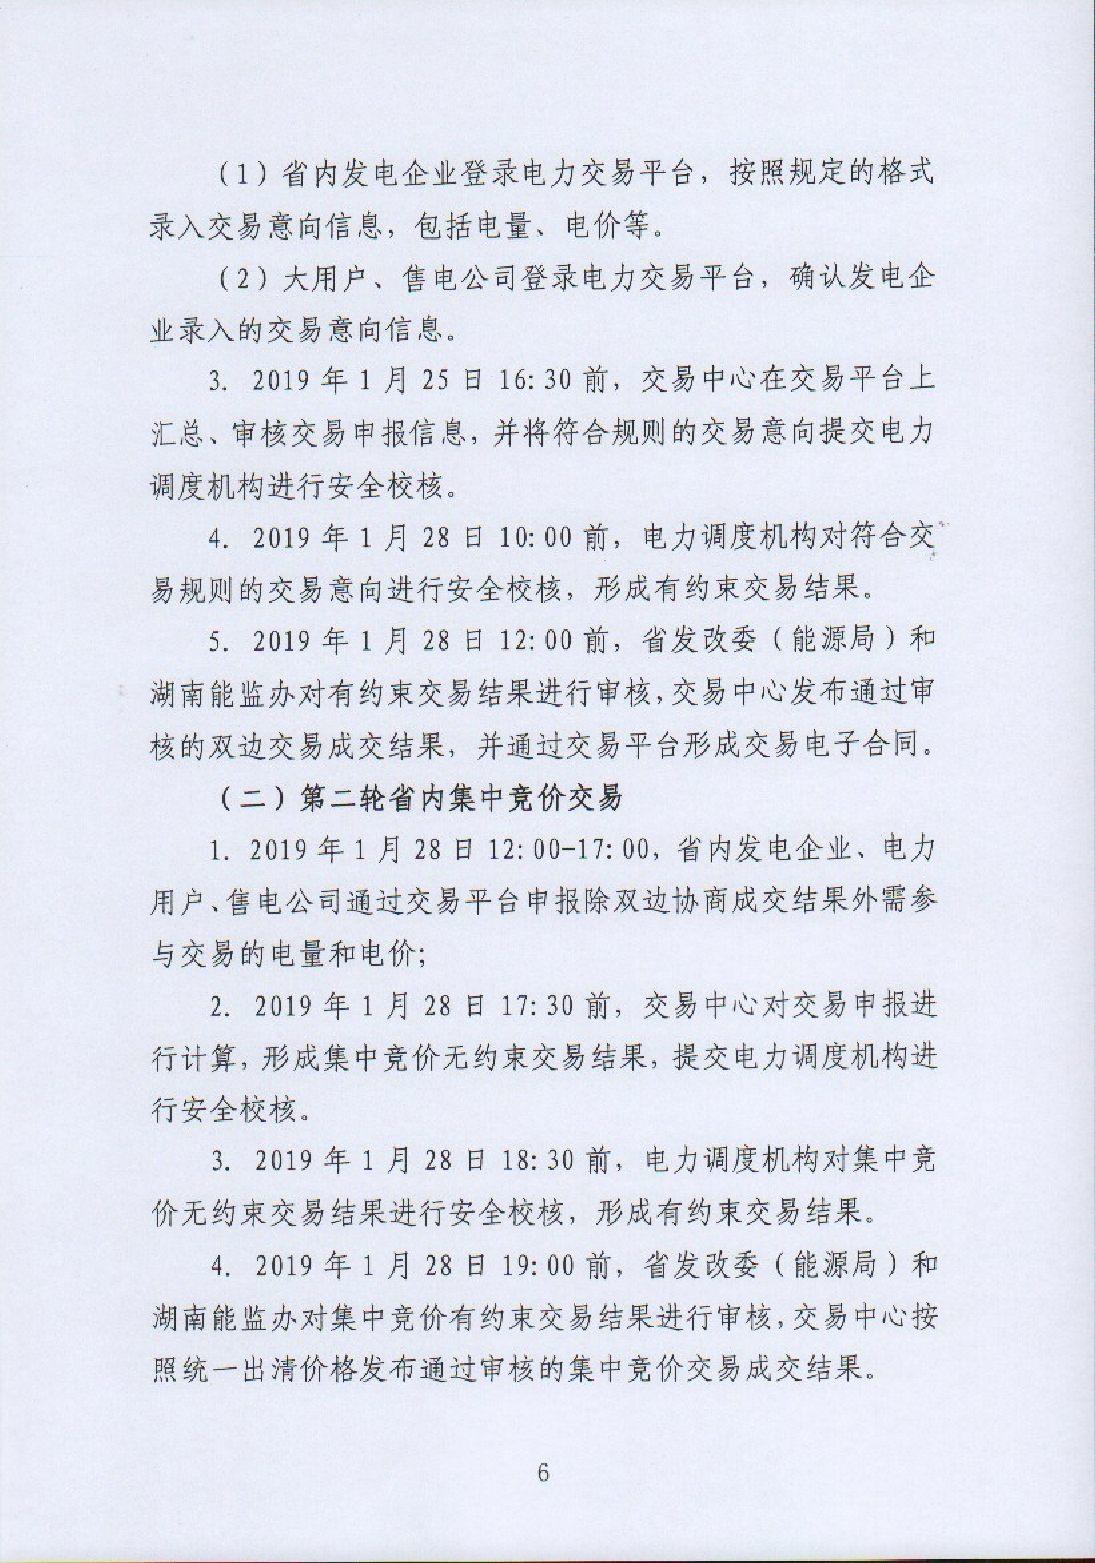 湖南電力交易中心有限公司關于2019年2月電力市場交易的公告.pdf_page_6_compressed.jpg